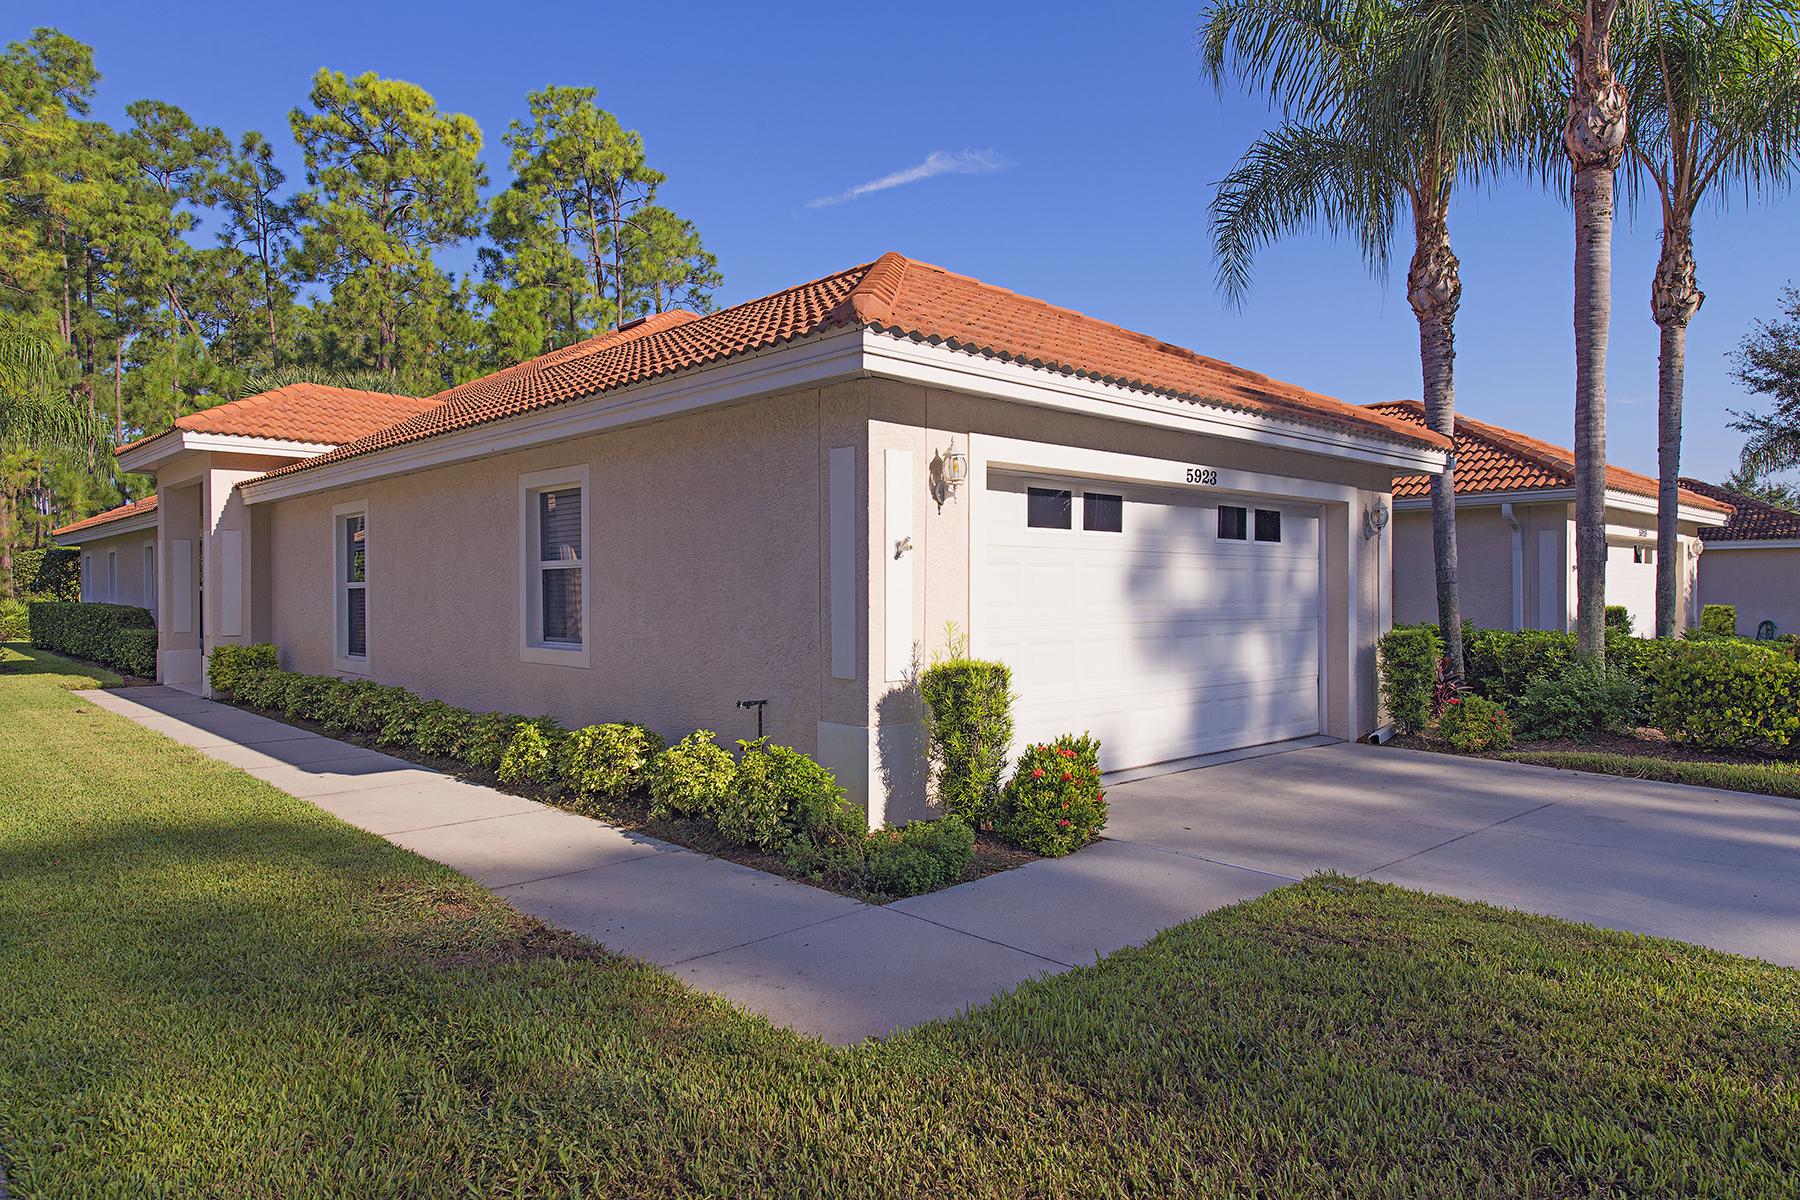 联栋屋 为 销售 在 CARLTON LAKES 5923 Northridge Dr A-39 Naples, 佛罗里达州 34110 美国